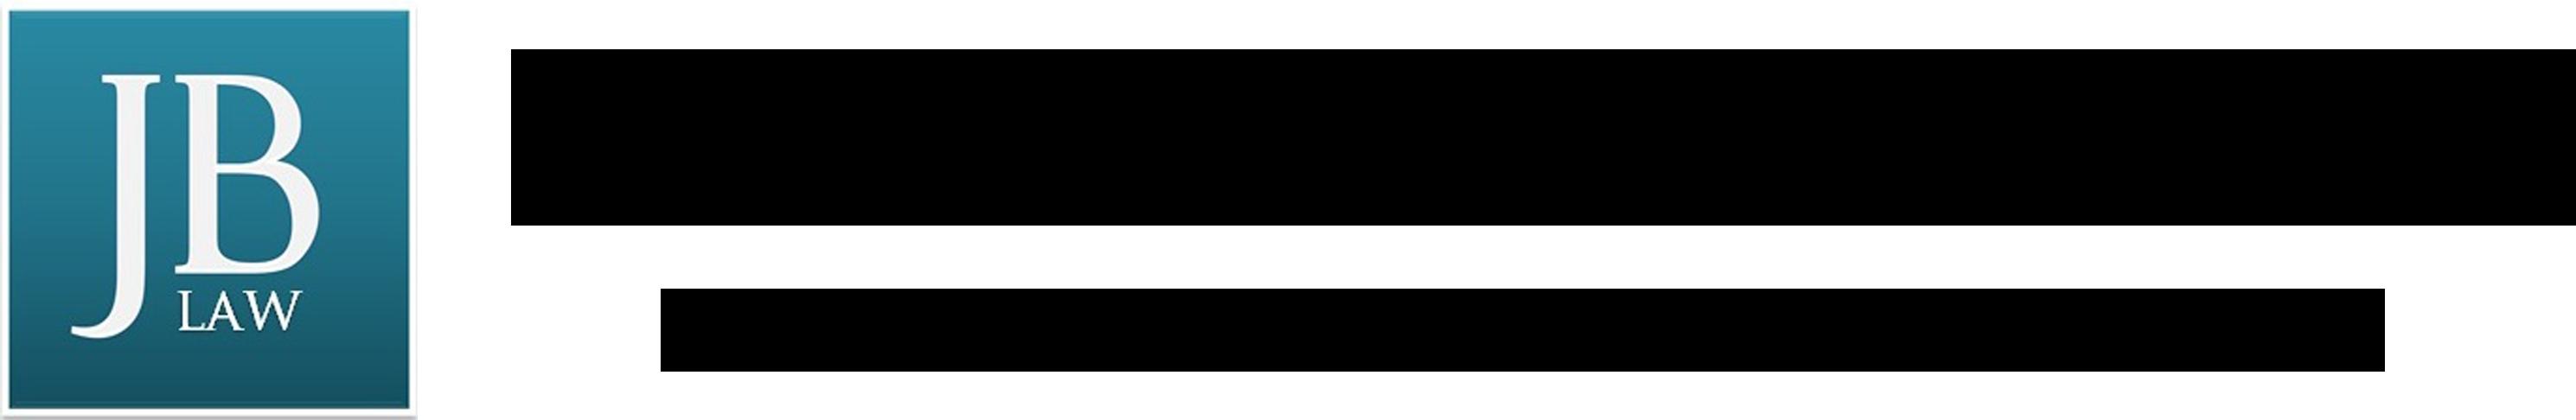 Bell law office logo